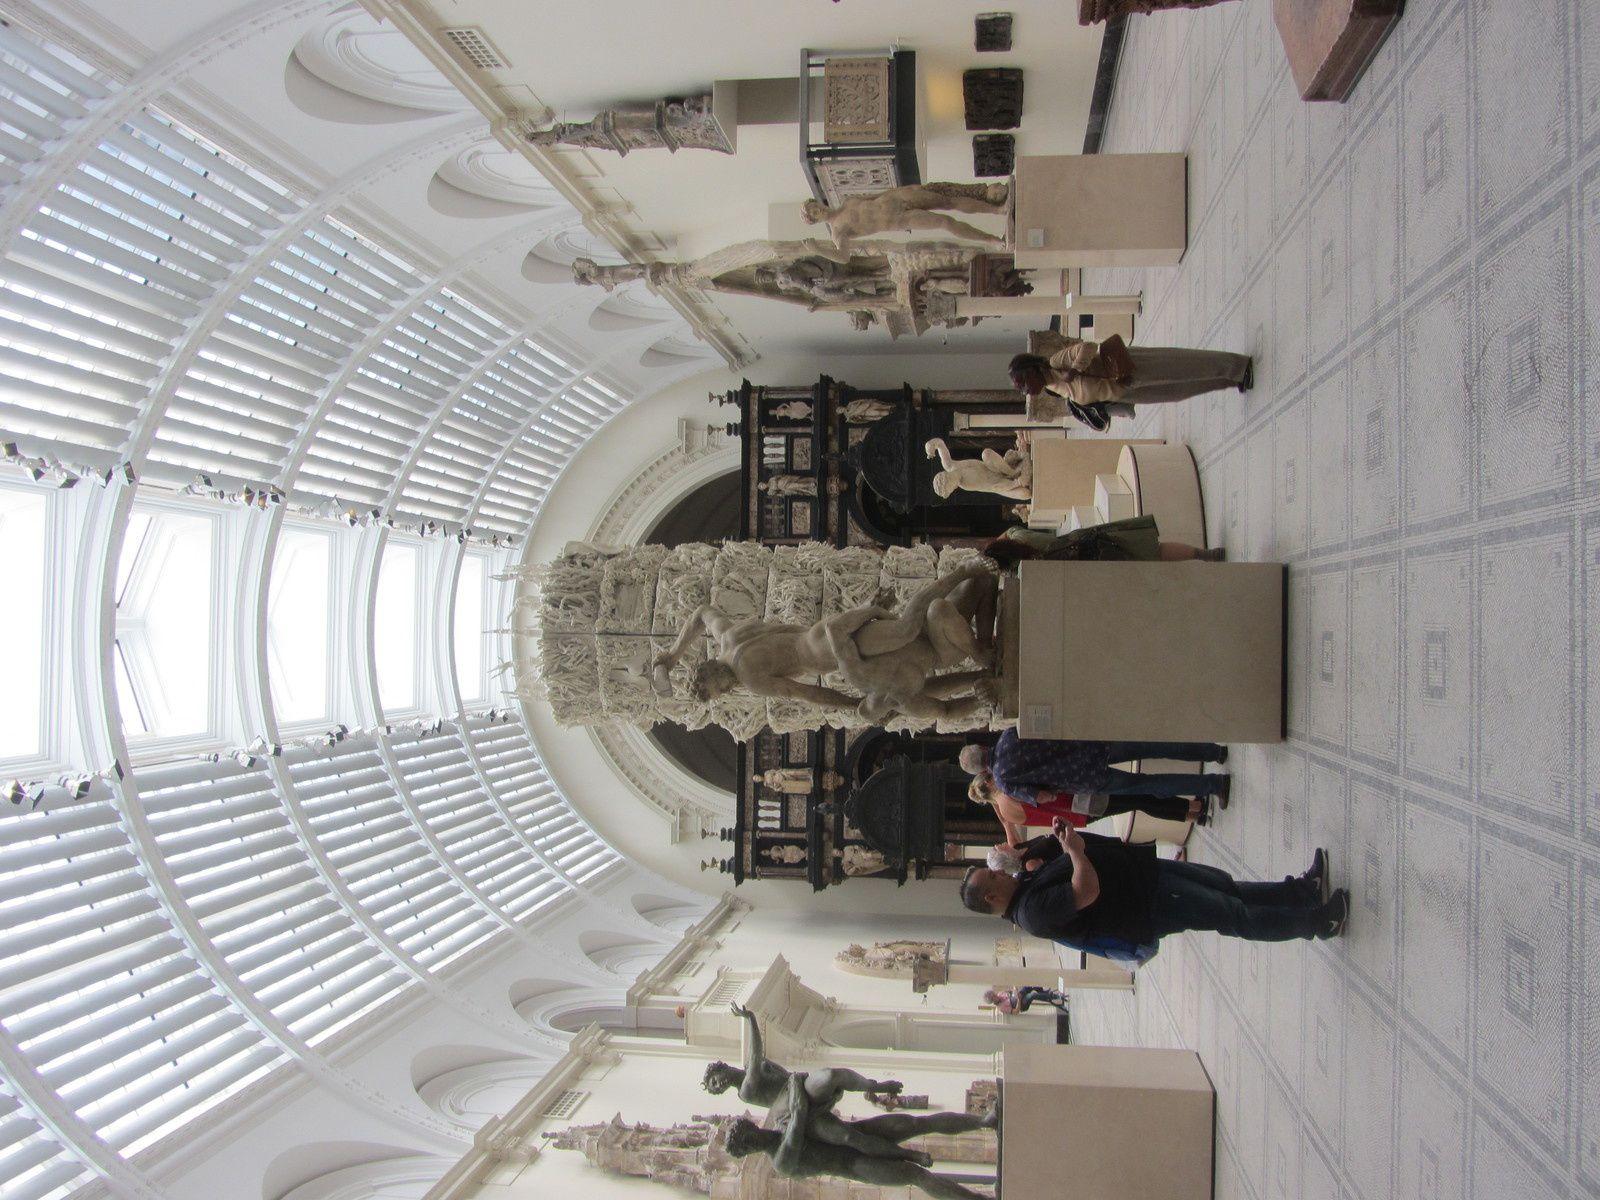 Les objets sont exposés selon cinq grandes catégories : Asie, Europe, matériaux et techniques, objets modernes et expositions.